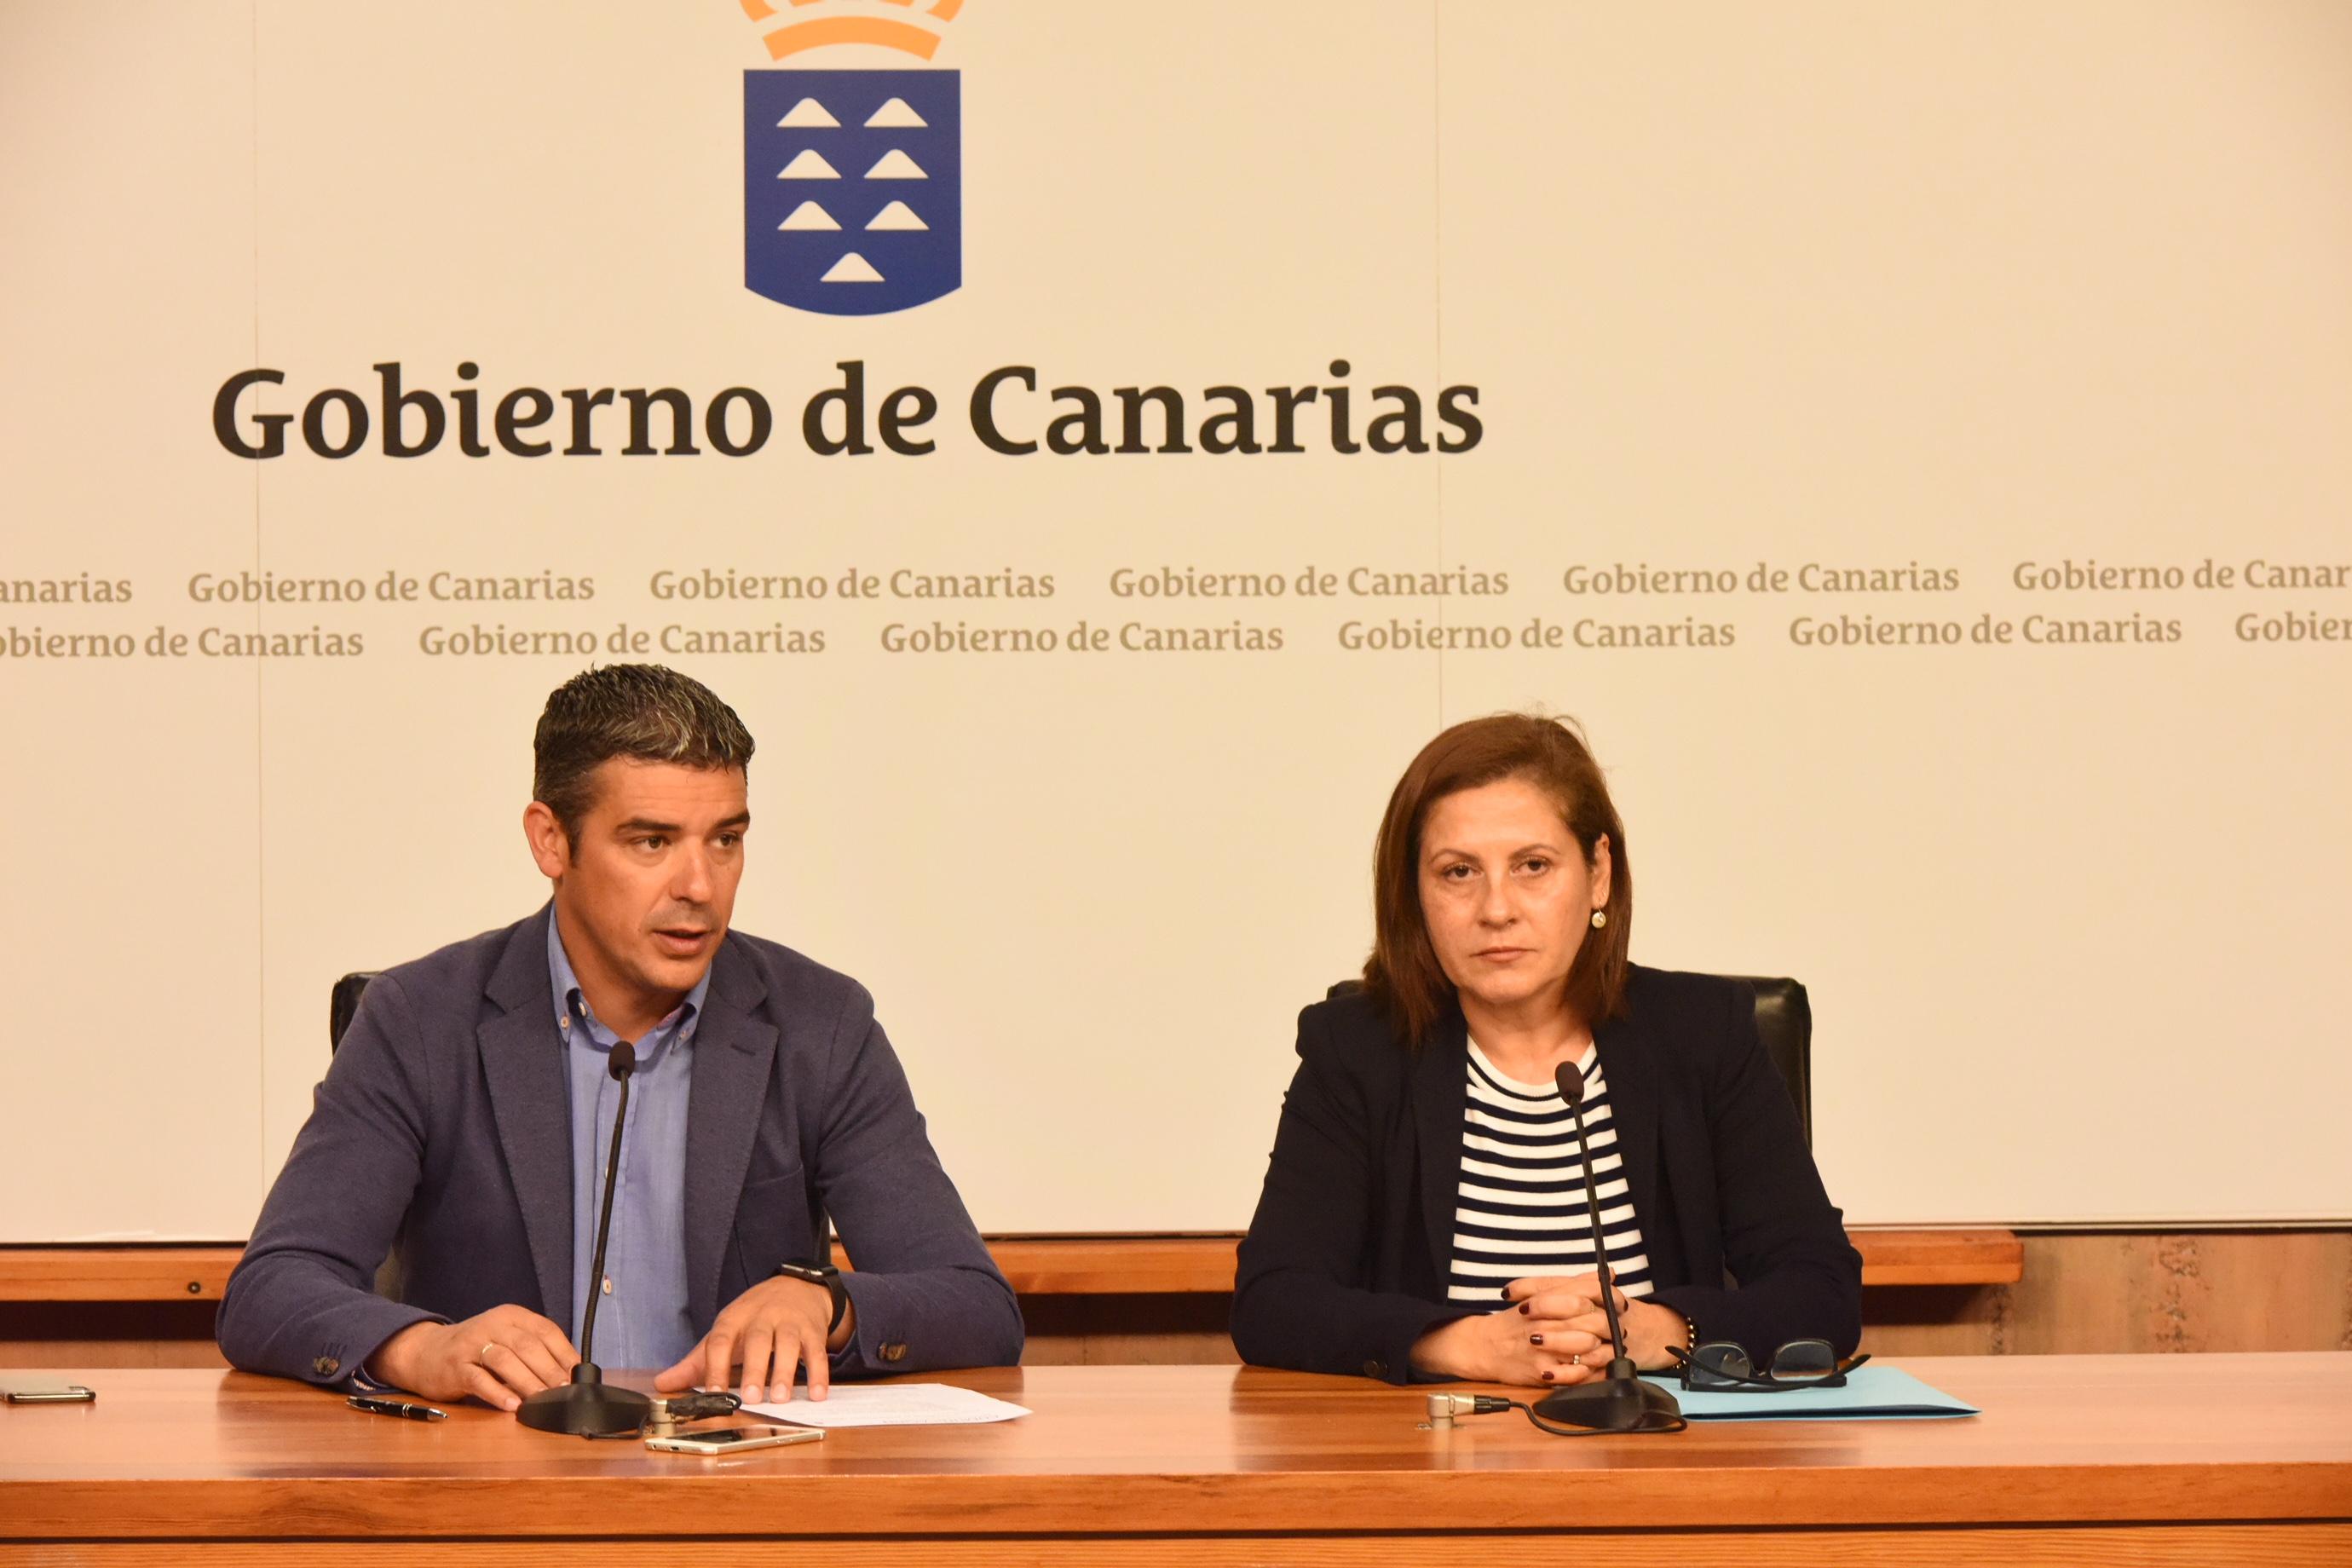 El Gobierno de Canarias convoca los premios Agrarios, Pesqueros y Alimentarios